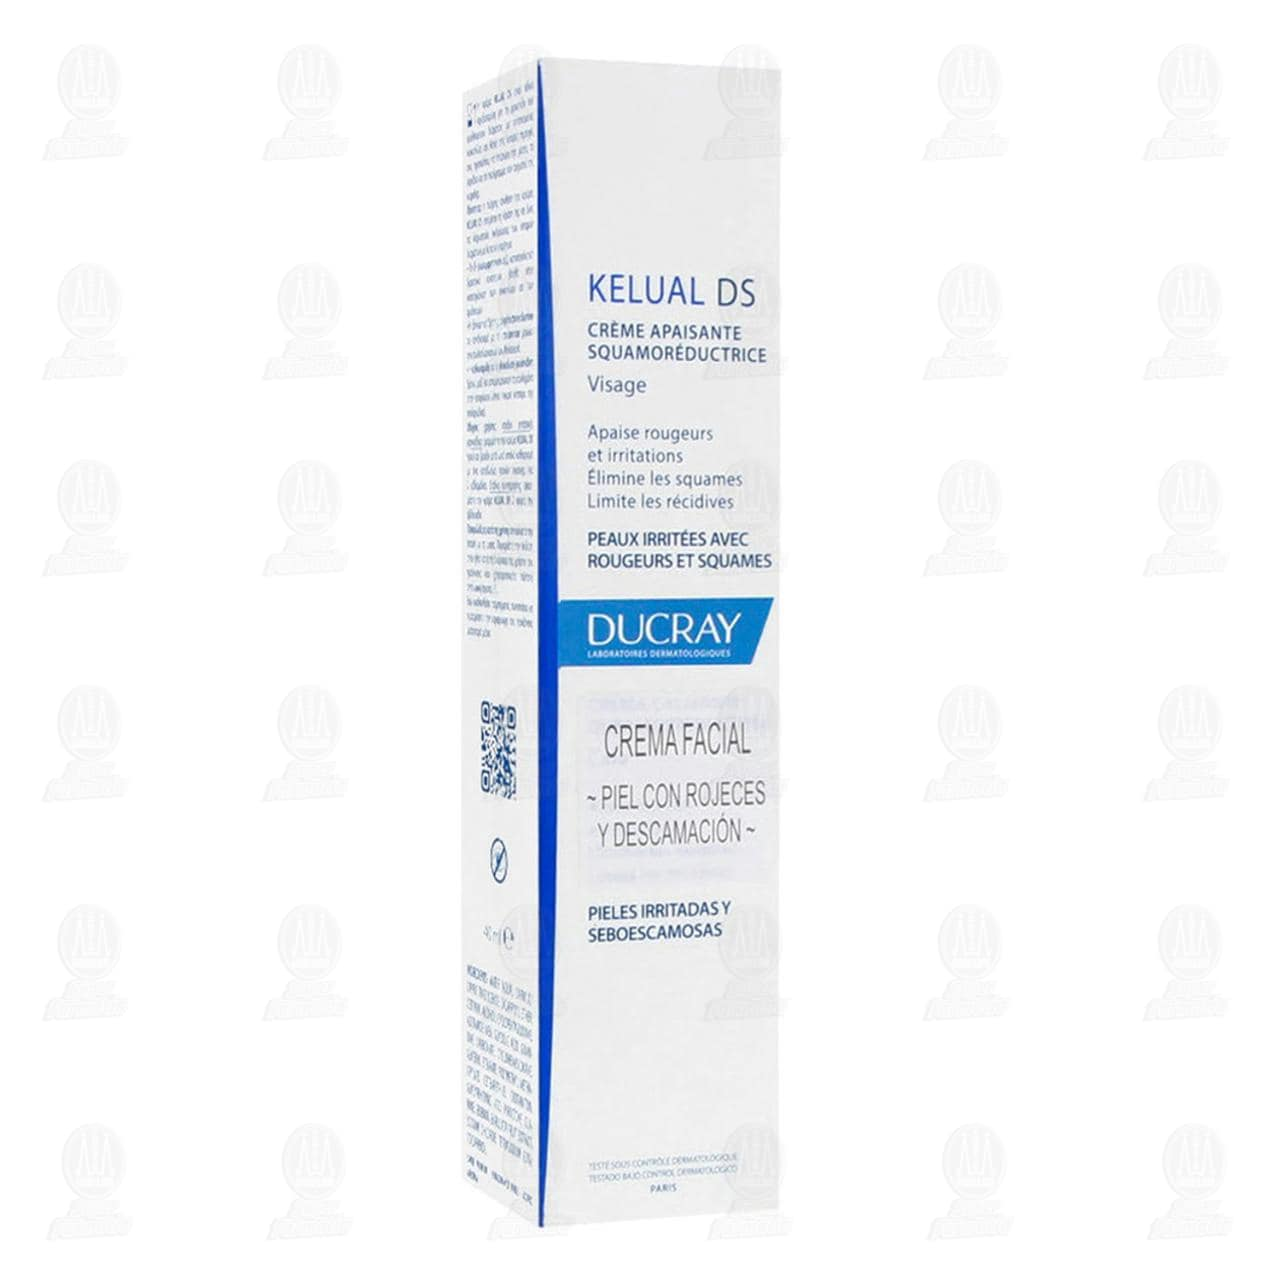 comprar https://www.movil.farmaciasguadalajara.com/wcsstore/FGCAS/wcs/products/1284428_A_1280_AL.jpg en farmacias guadalajara